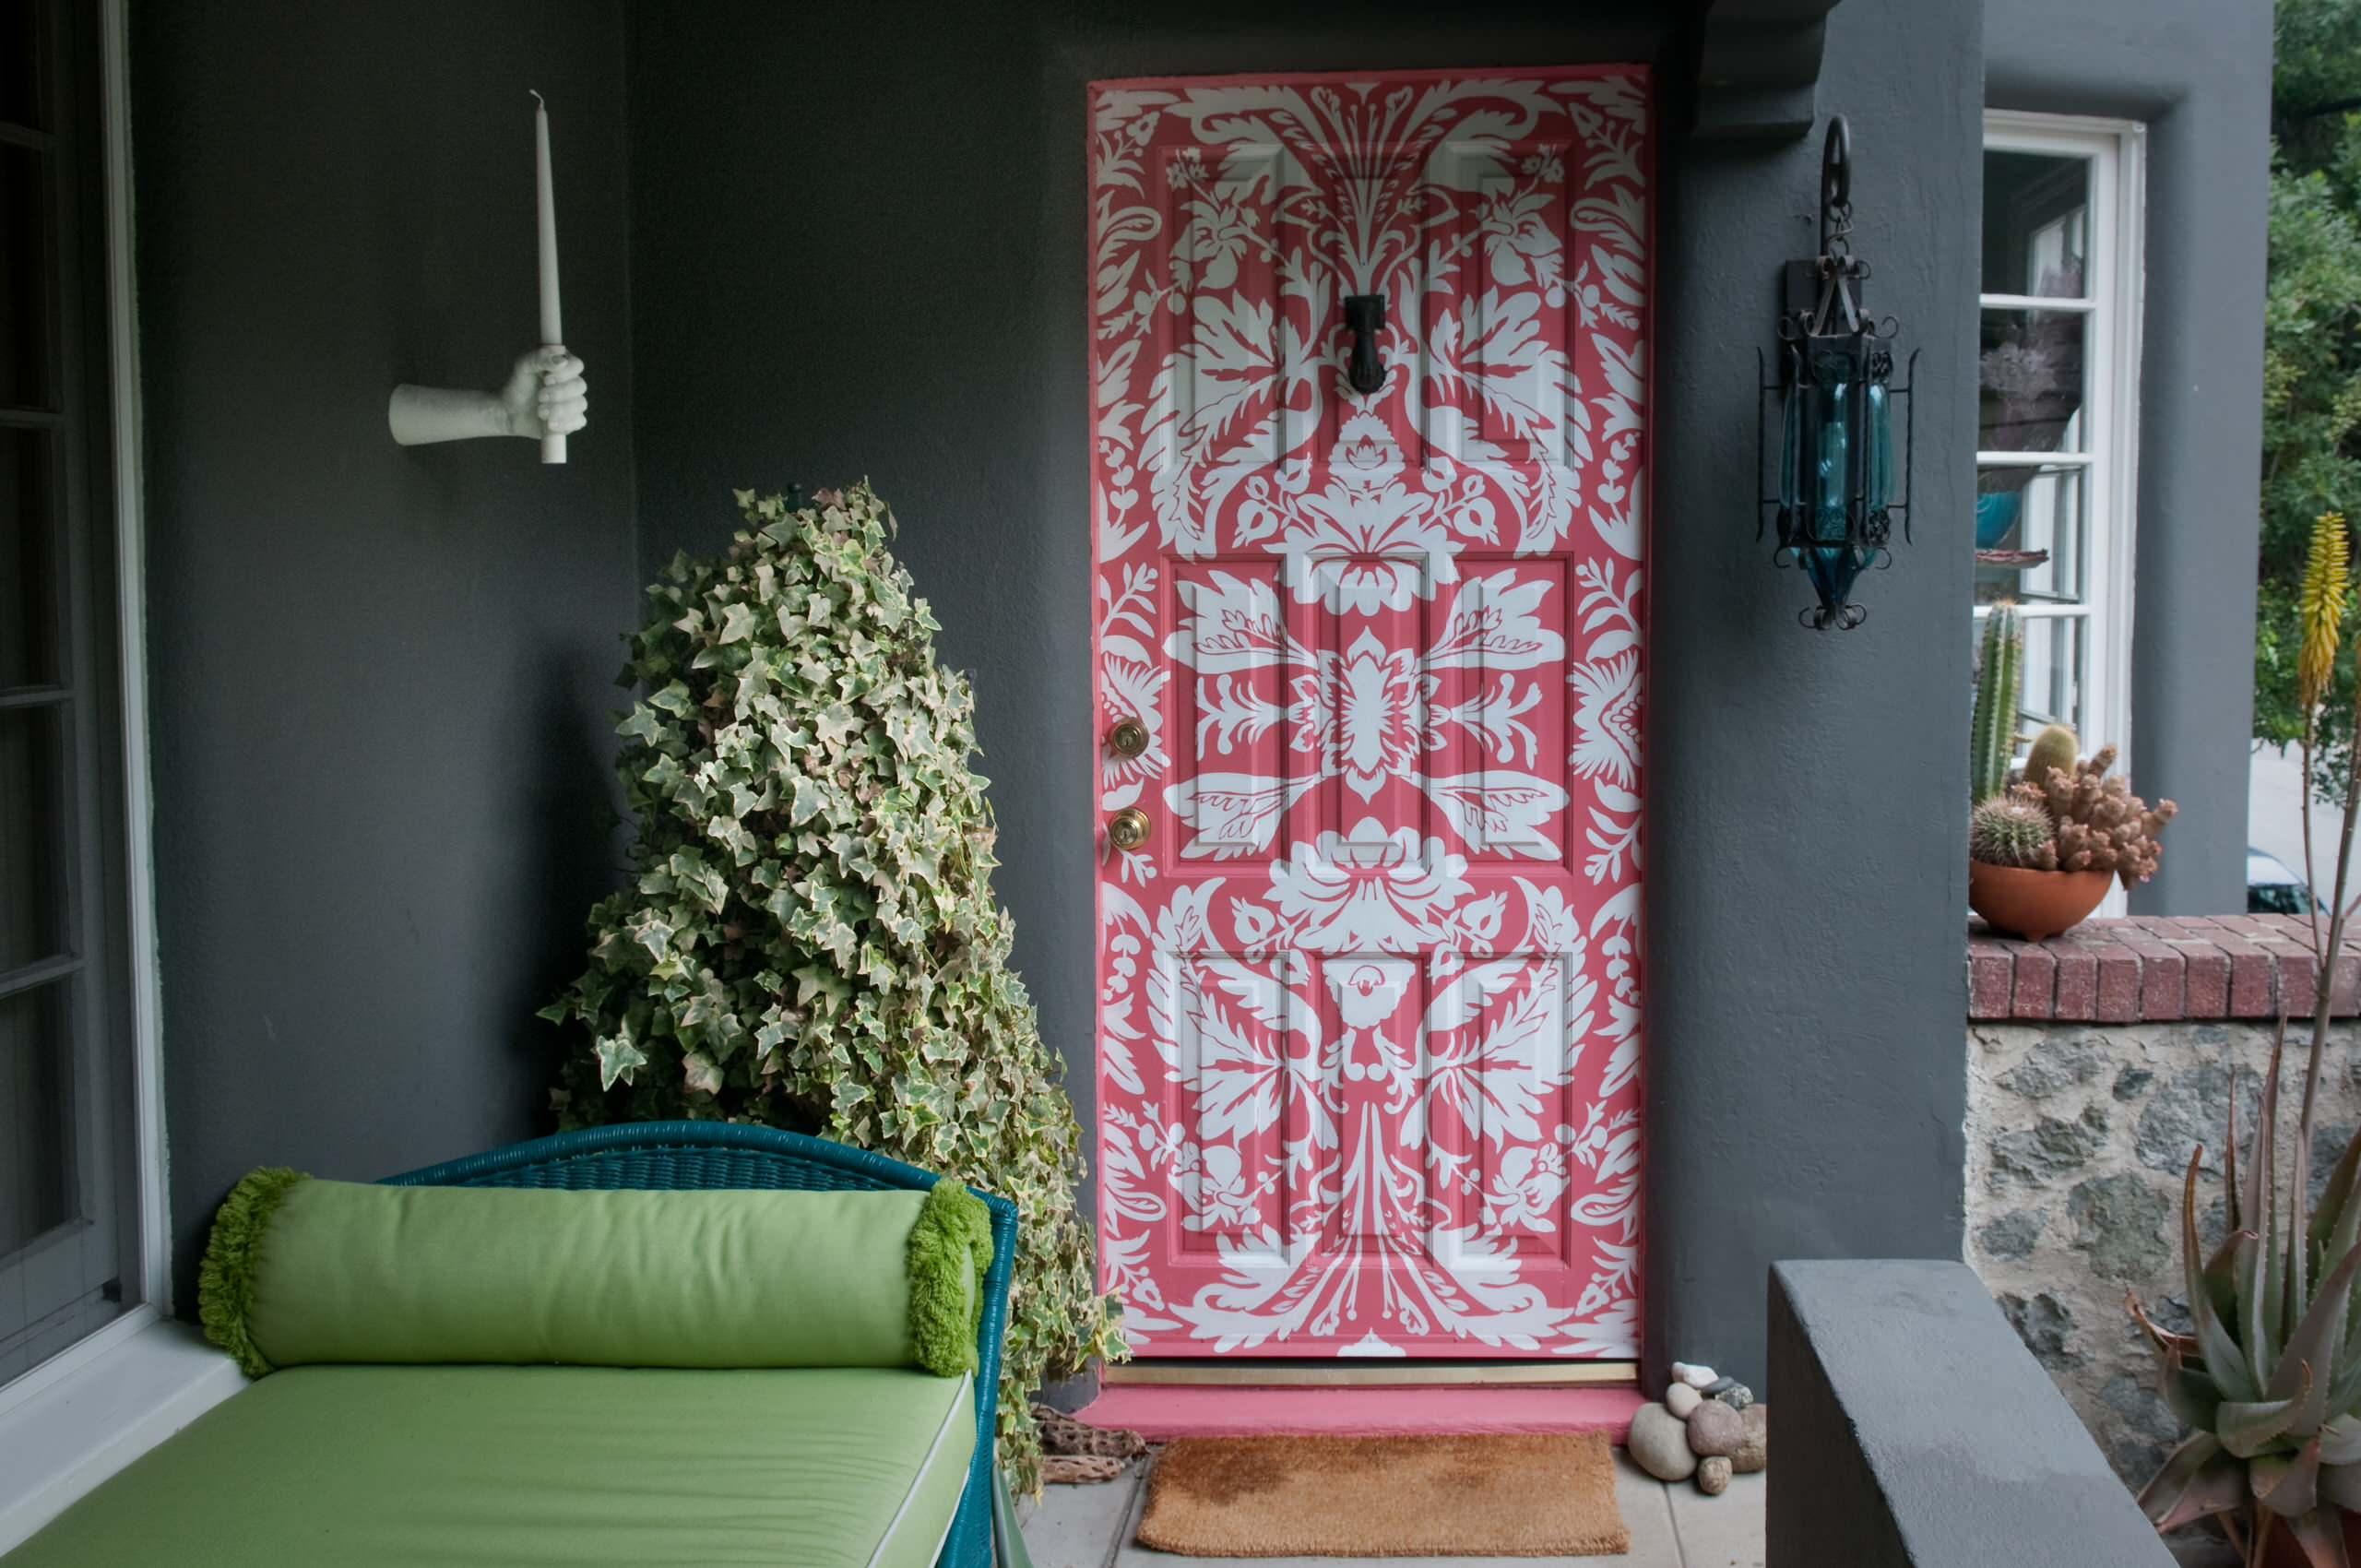 Межкомнатные двери в интерьере: 56 лучших идей декорирования